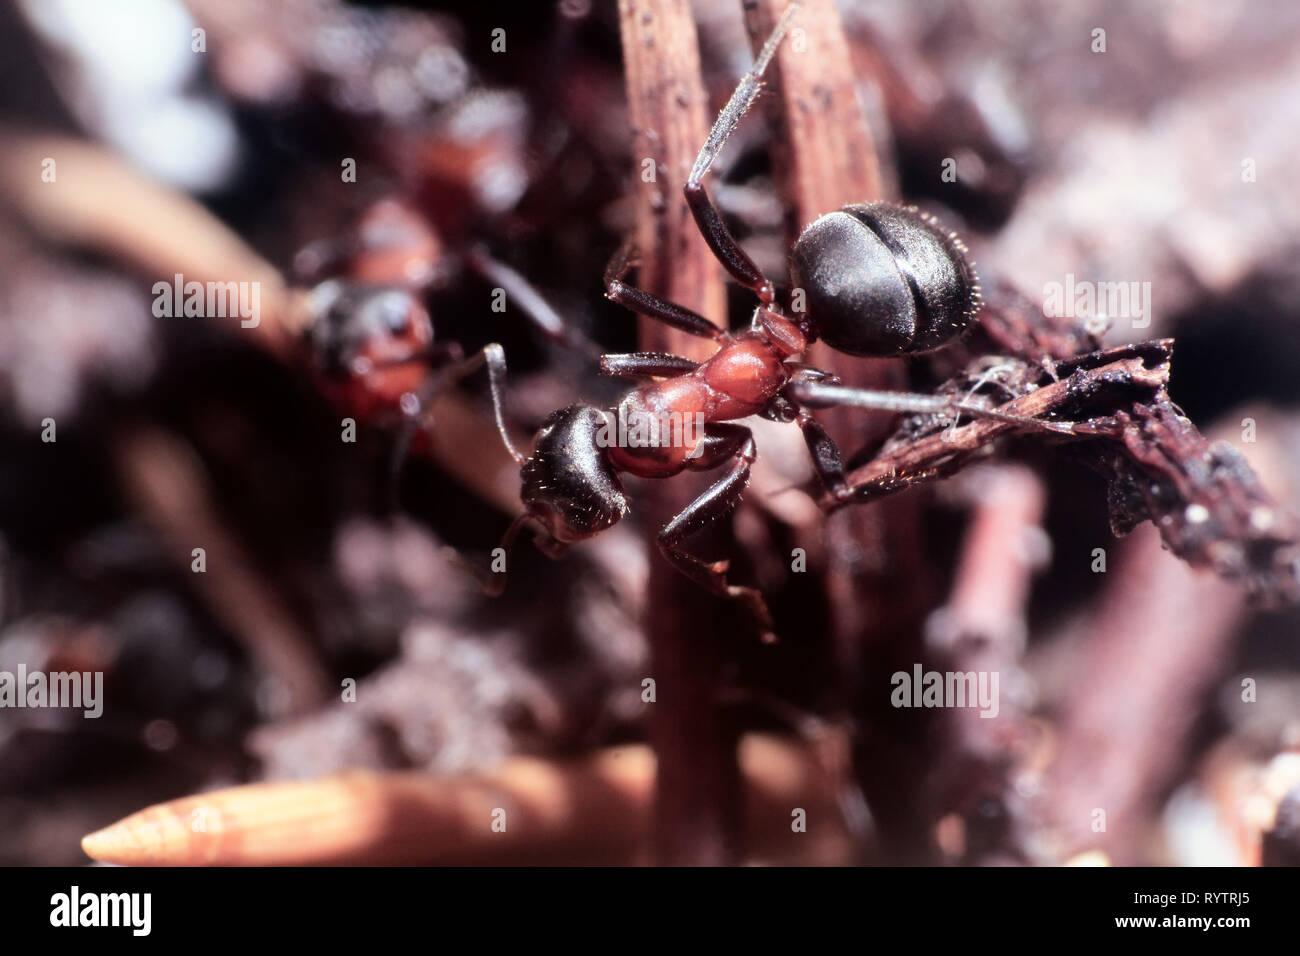 Microcosmo del mondo degli insetti non visibili ad occhio nudo. un insetto, il ritratto di ant Immagini Stock